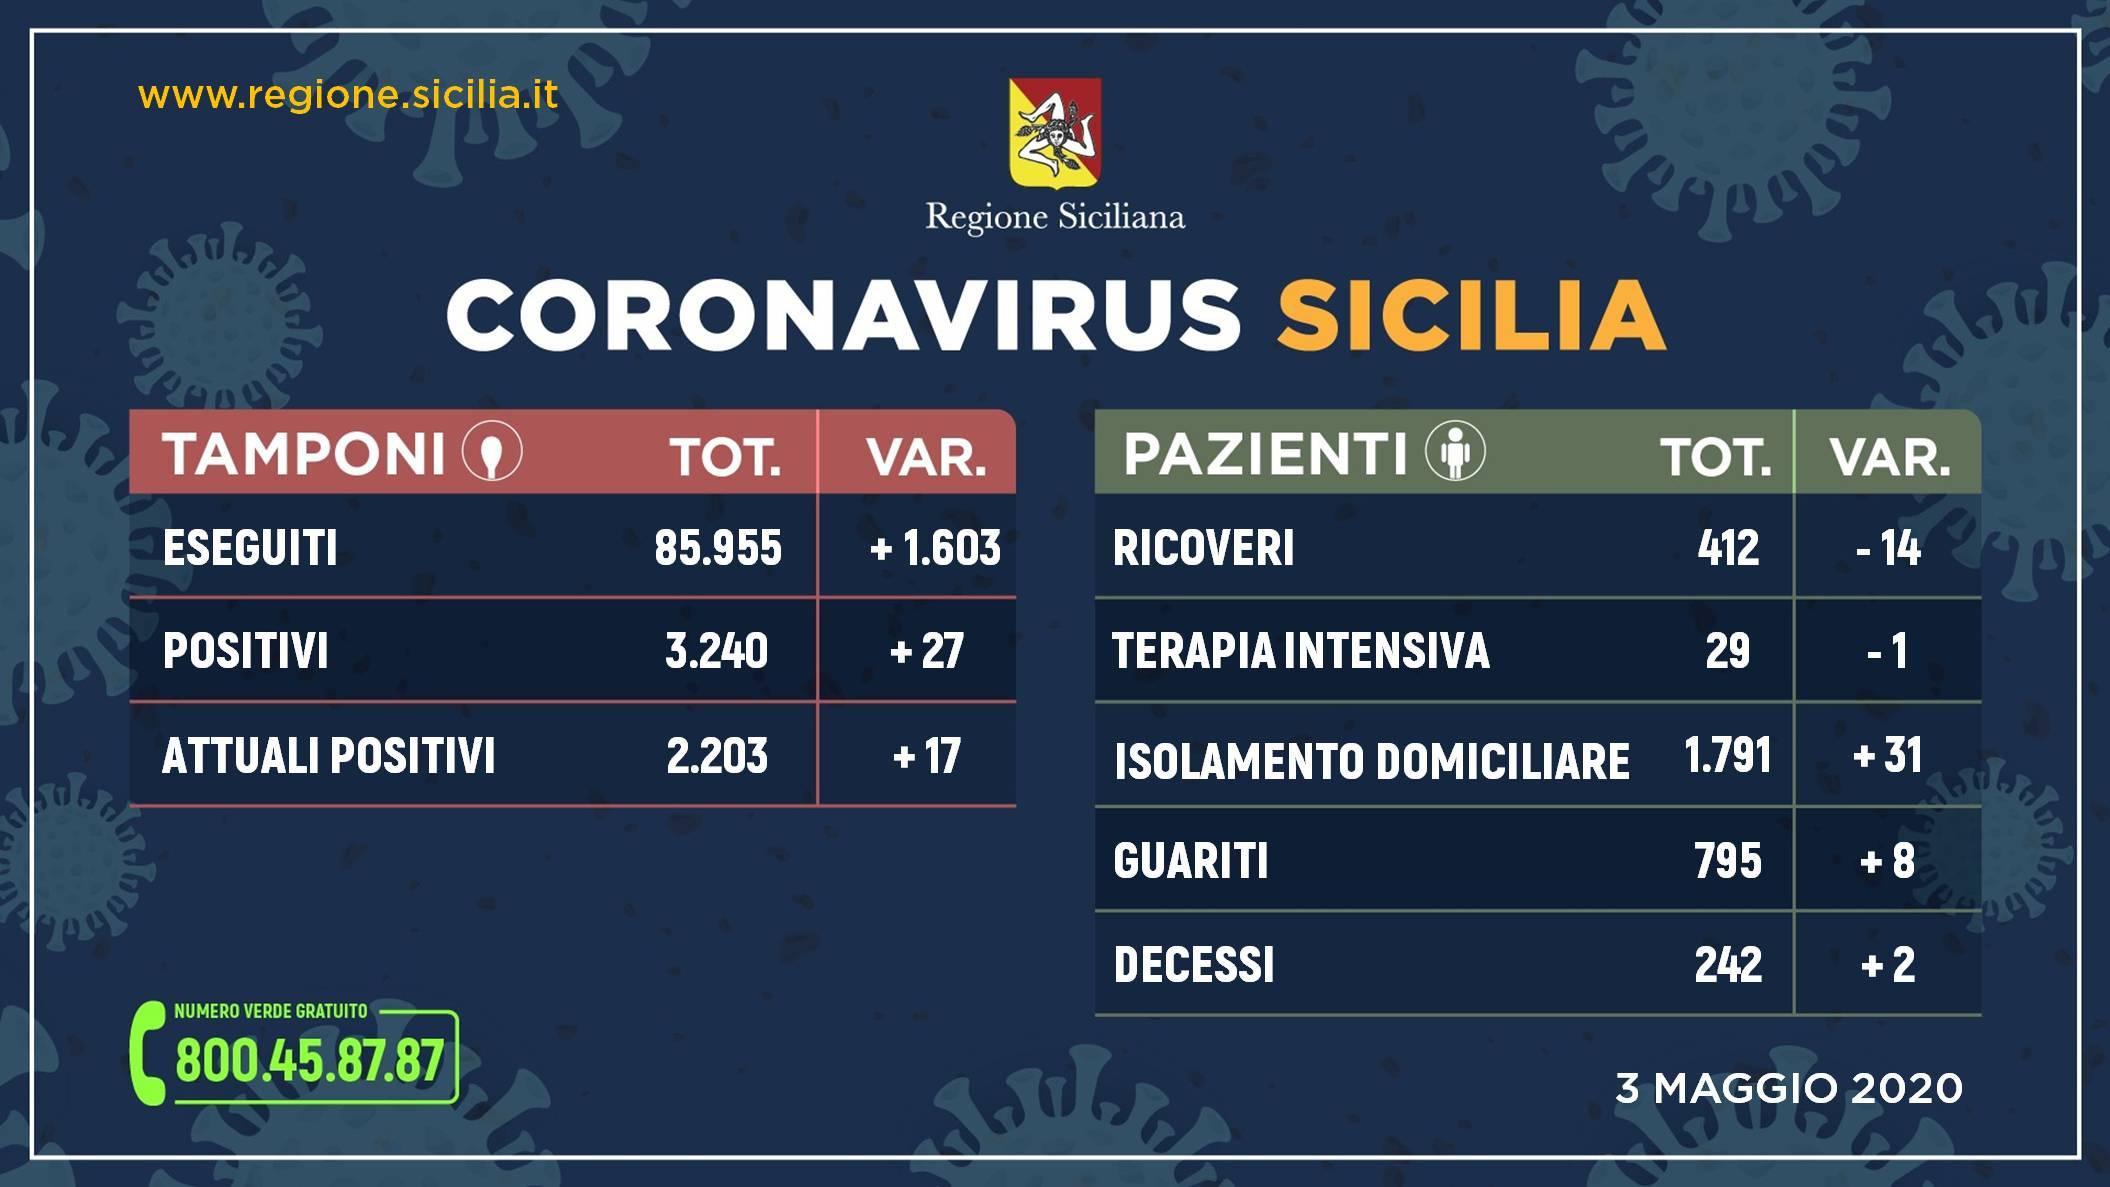 Coronavirus, in Sicilia situazione stabile con 2.203 positivi